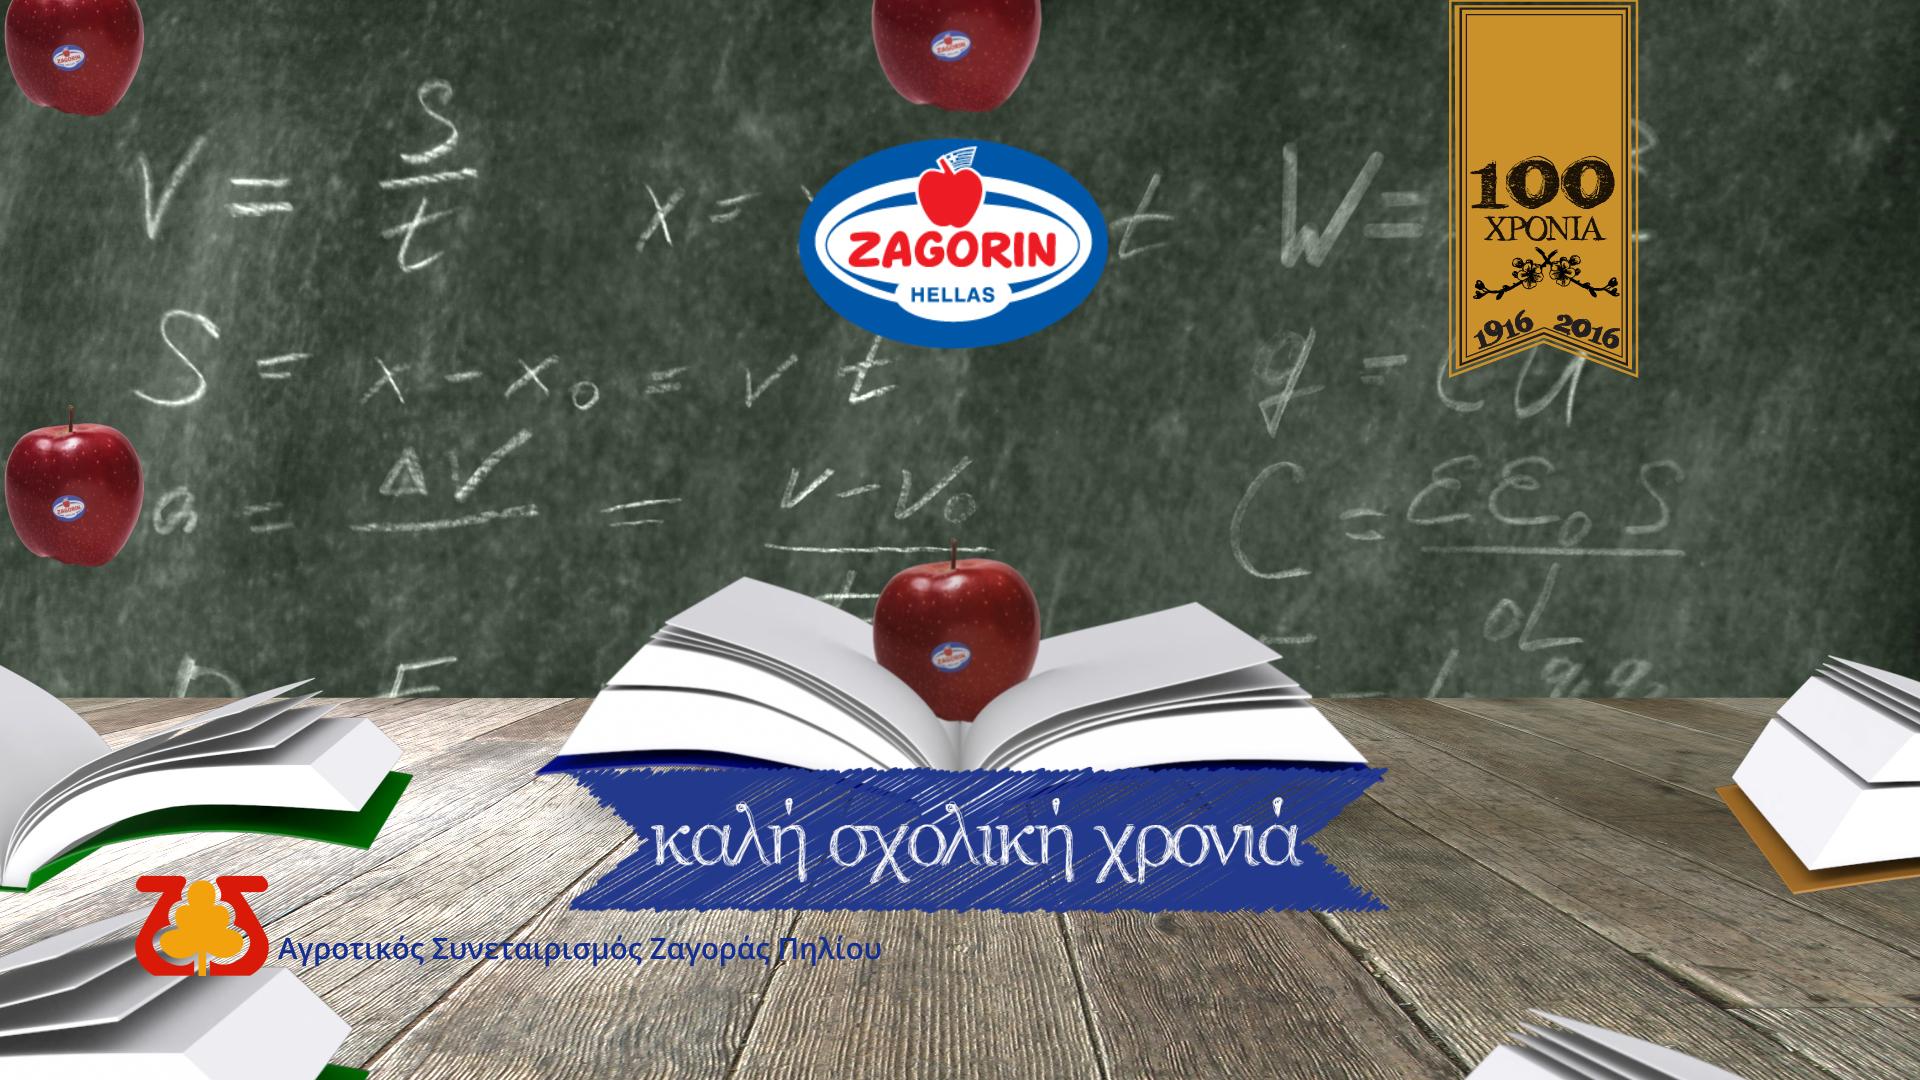 Καλή σχολική χρονιά με μήλα Ζαγορίν!